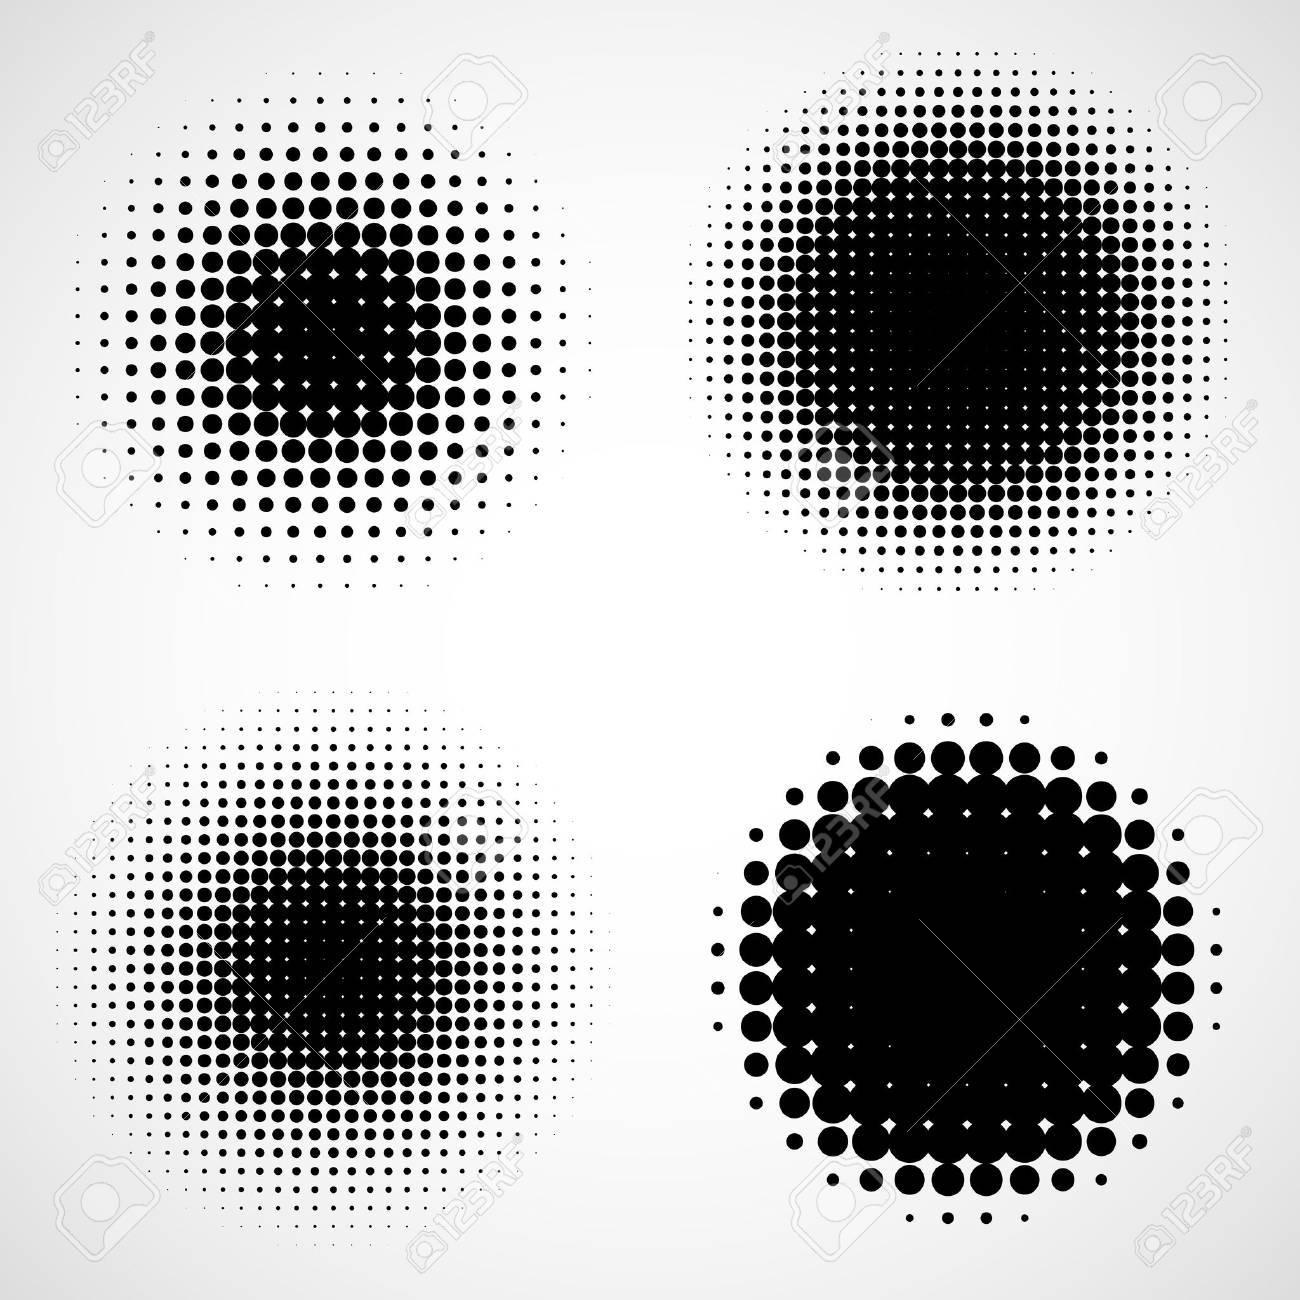 Fondos De Semitono Abstractos. Conjunto De Marco Moderno Elemento De ...